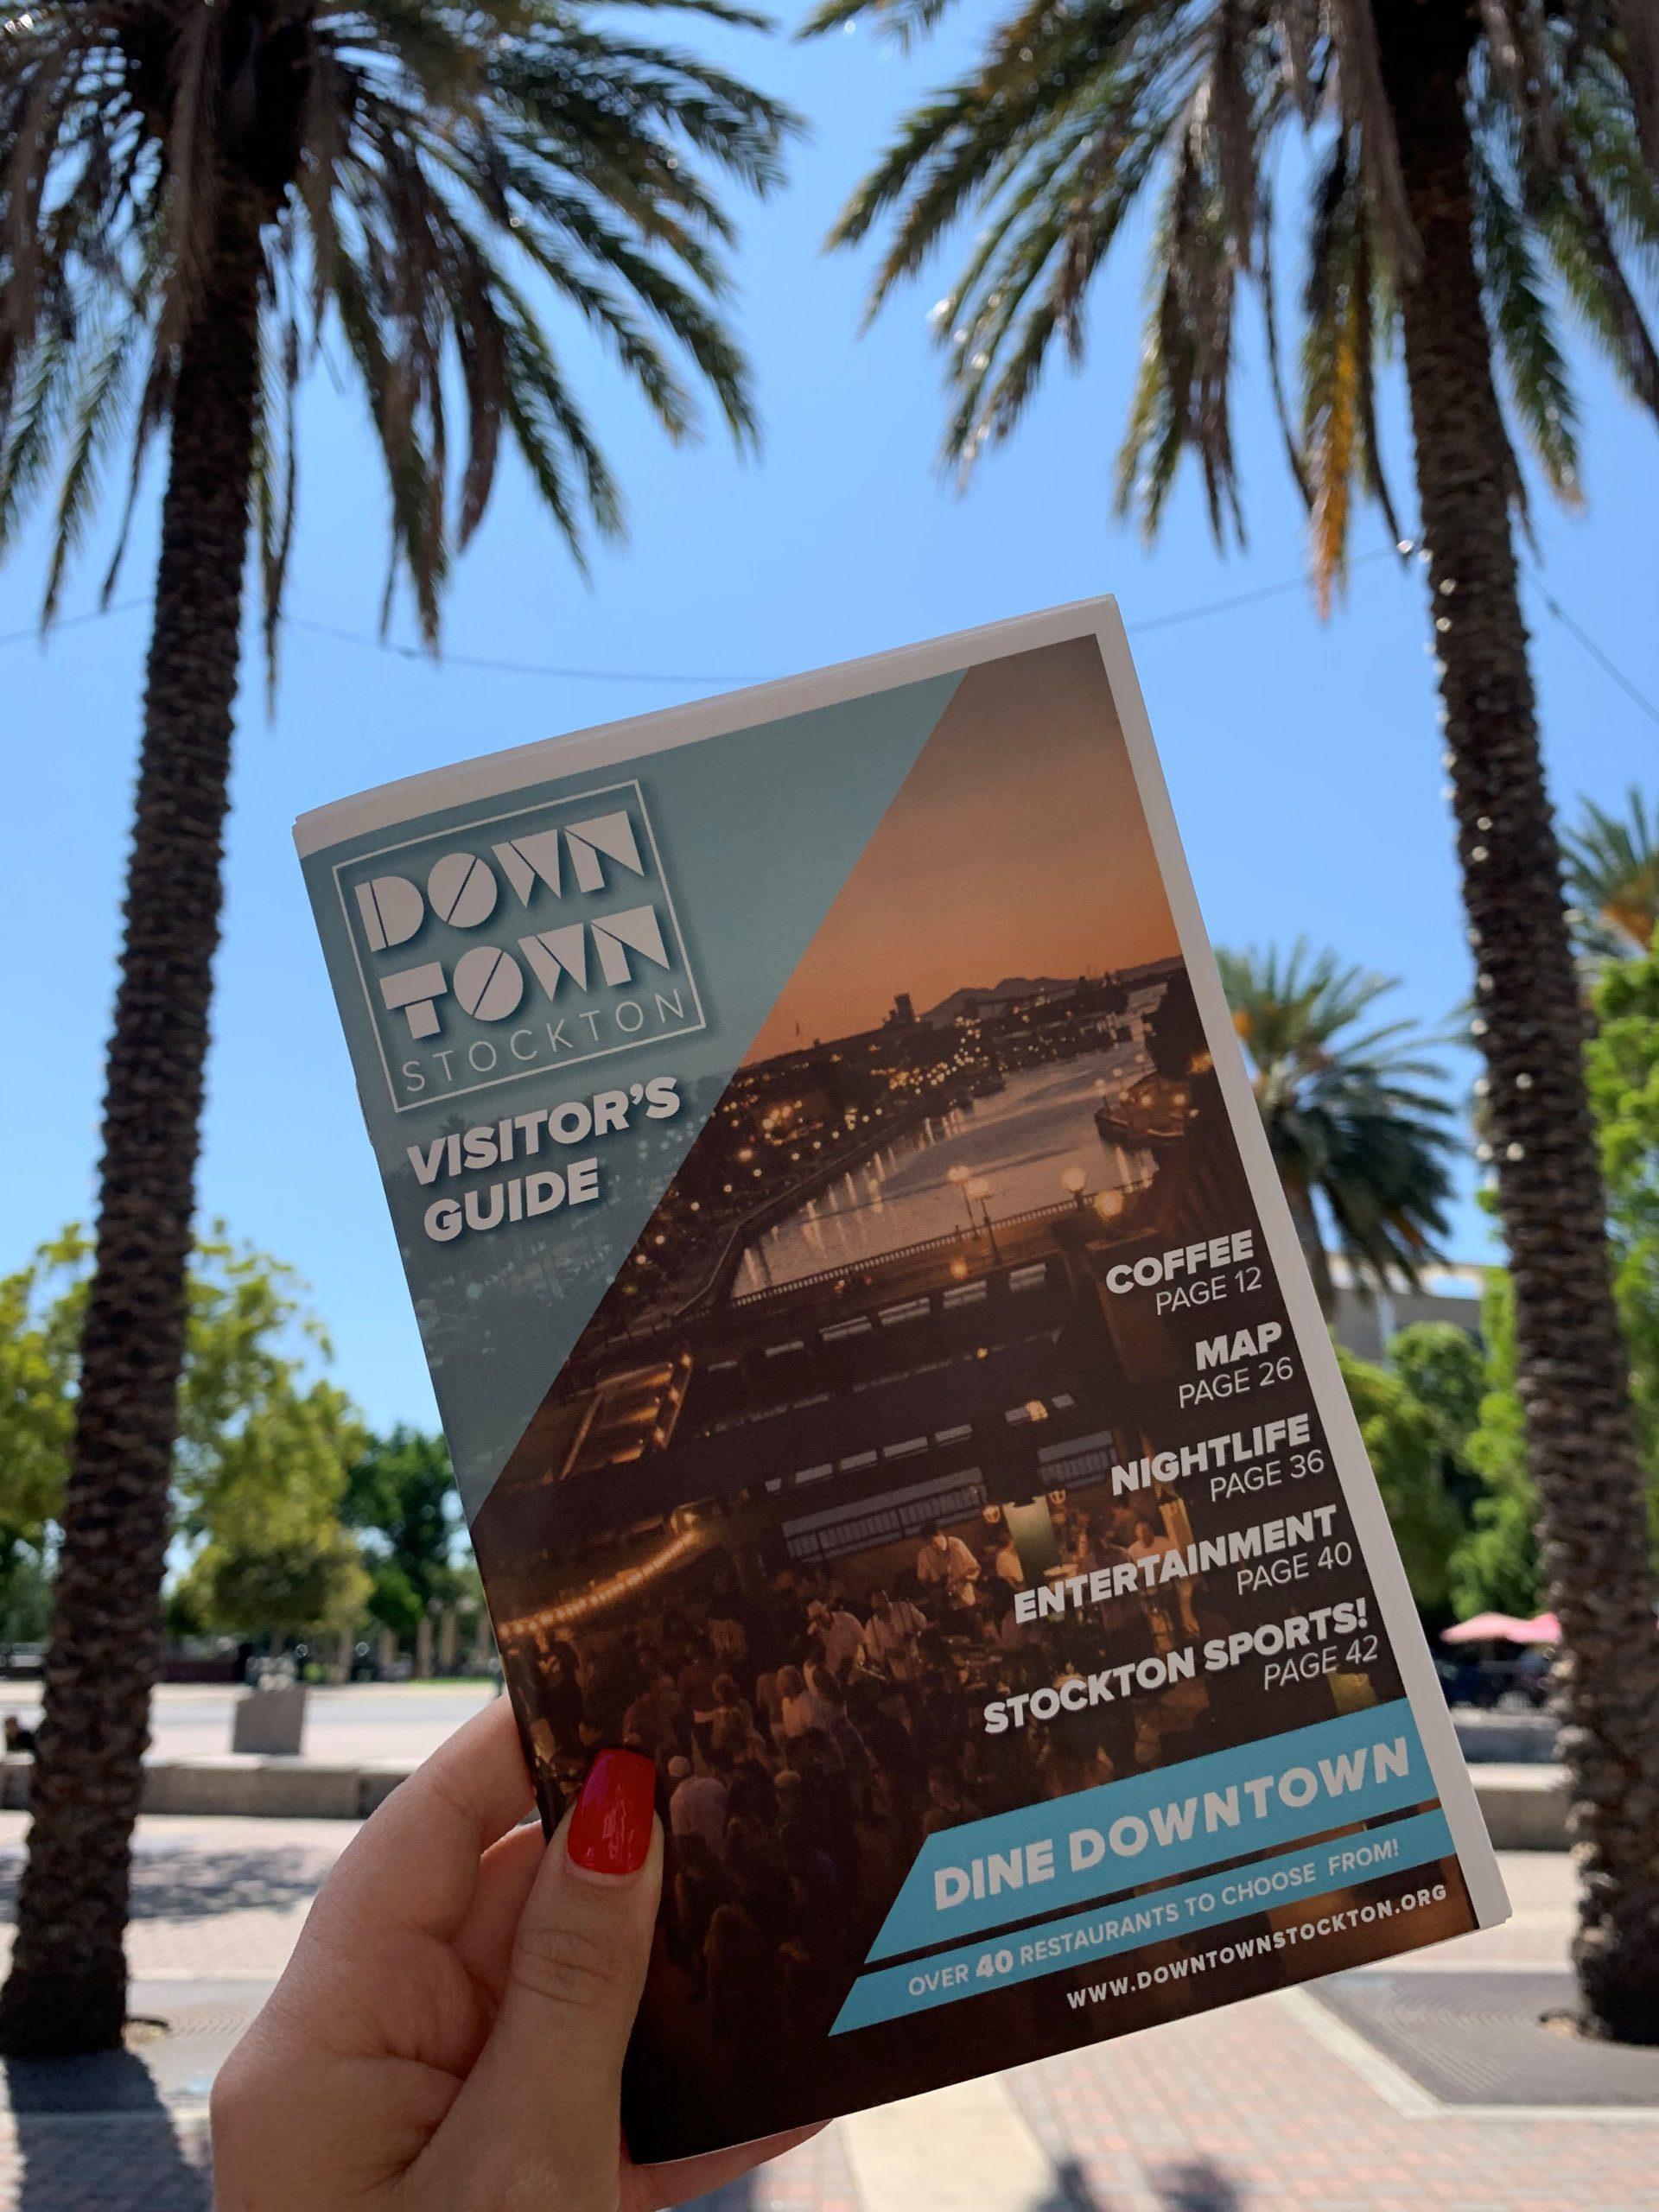 DSA Visitors Guide